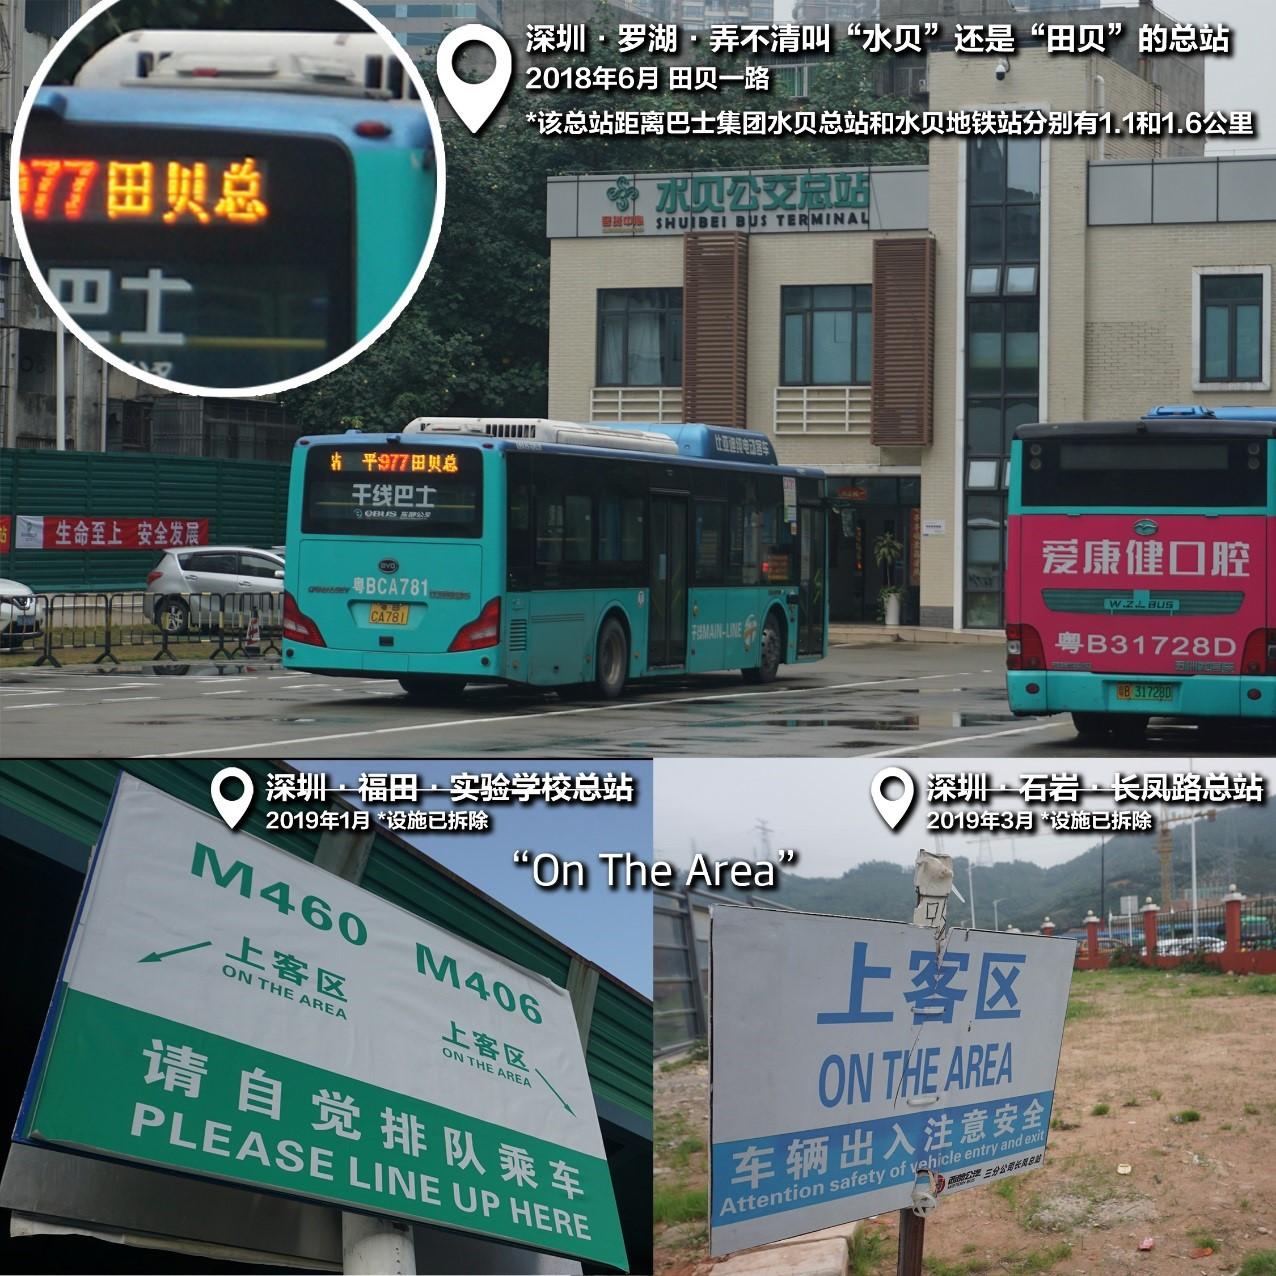 深圳财政支出临时设施的地租,还有达到每年6000万的政府产权场站委托管理费用,换来的是只能以滑稽形容的部分场站管理水平。至今未找到出处的奇妙英文翻译且不提,连场站名字都指鹿为马。